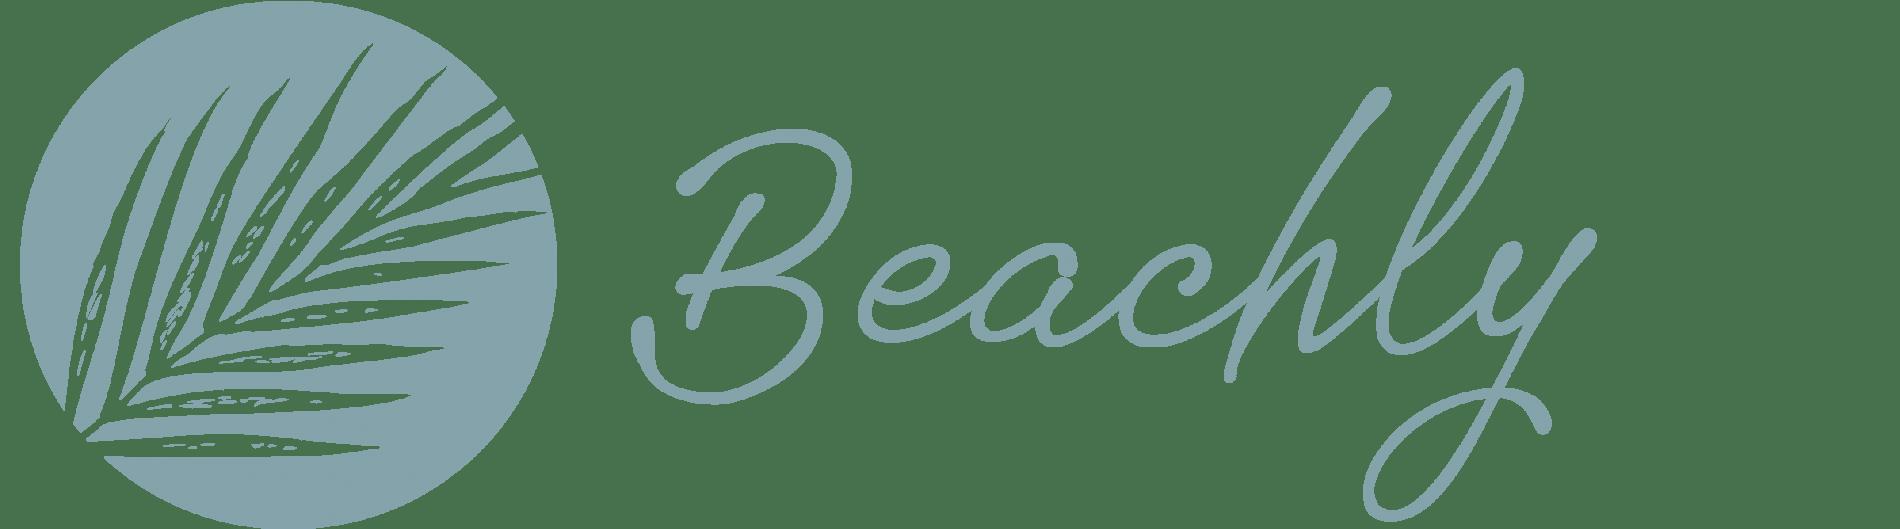 Beachly September 2021 Beauty Box – Full Spoilers!